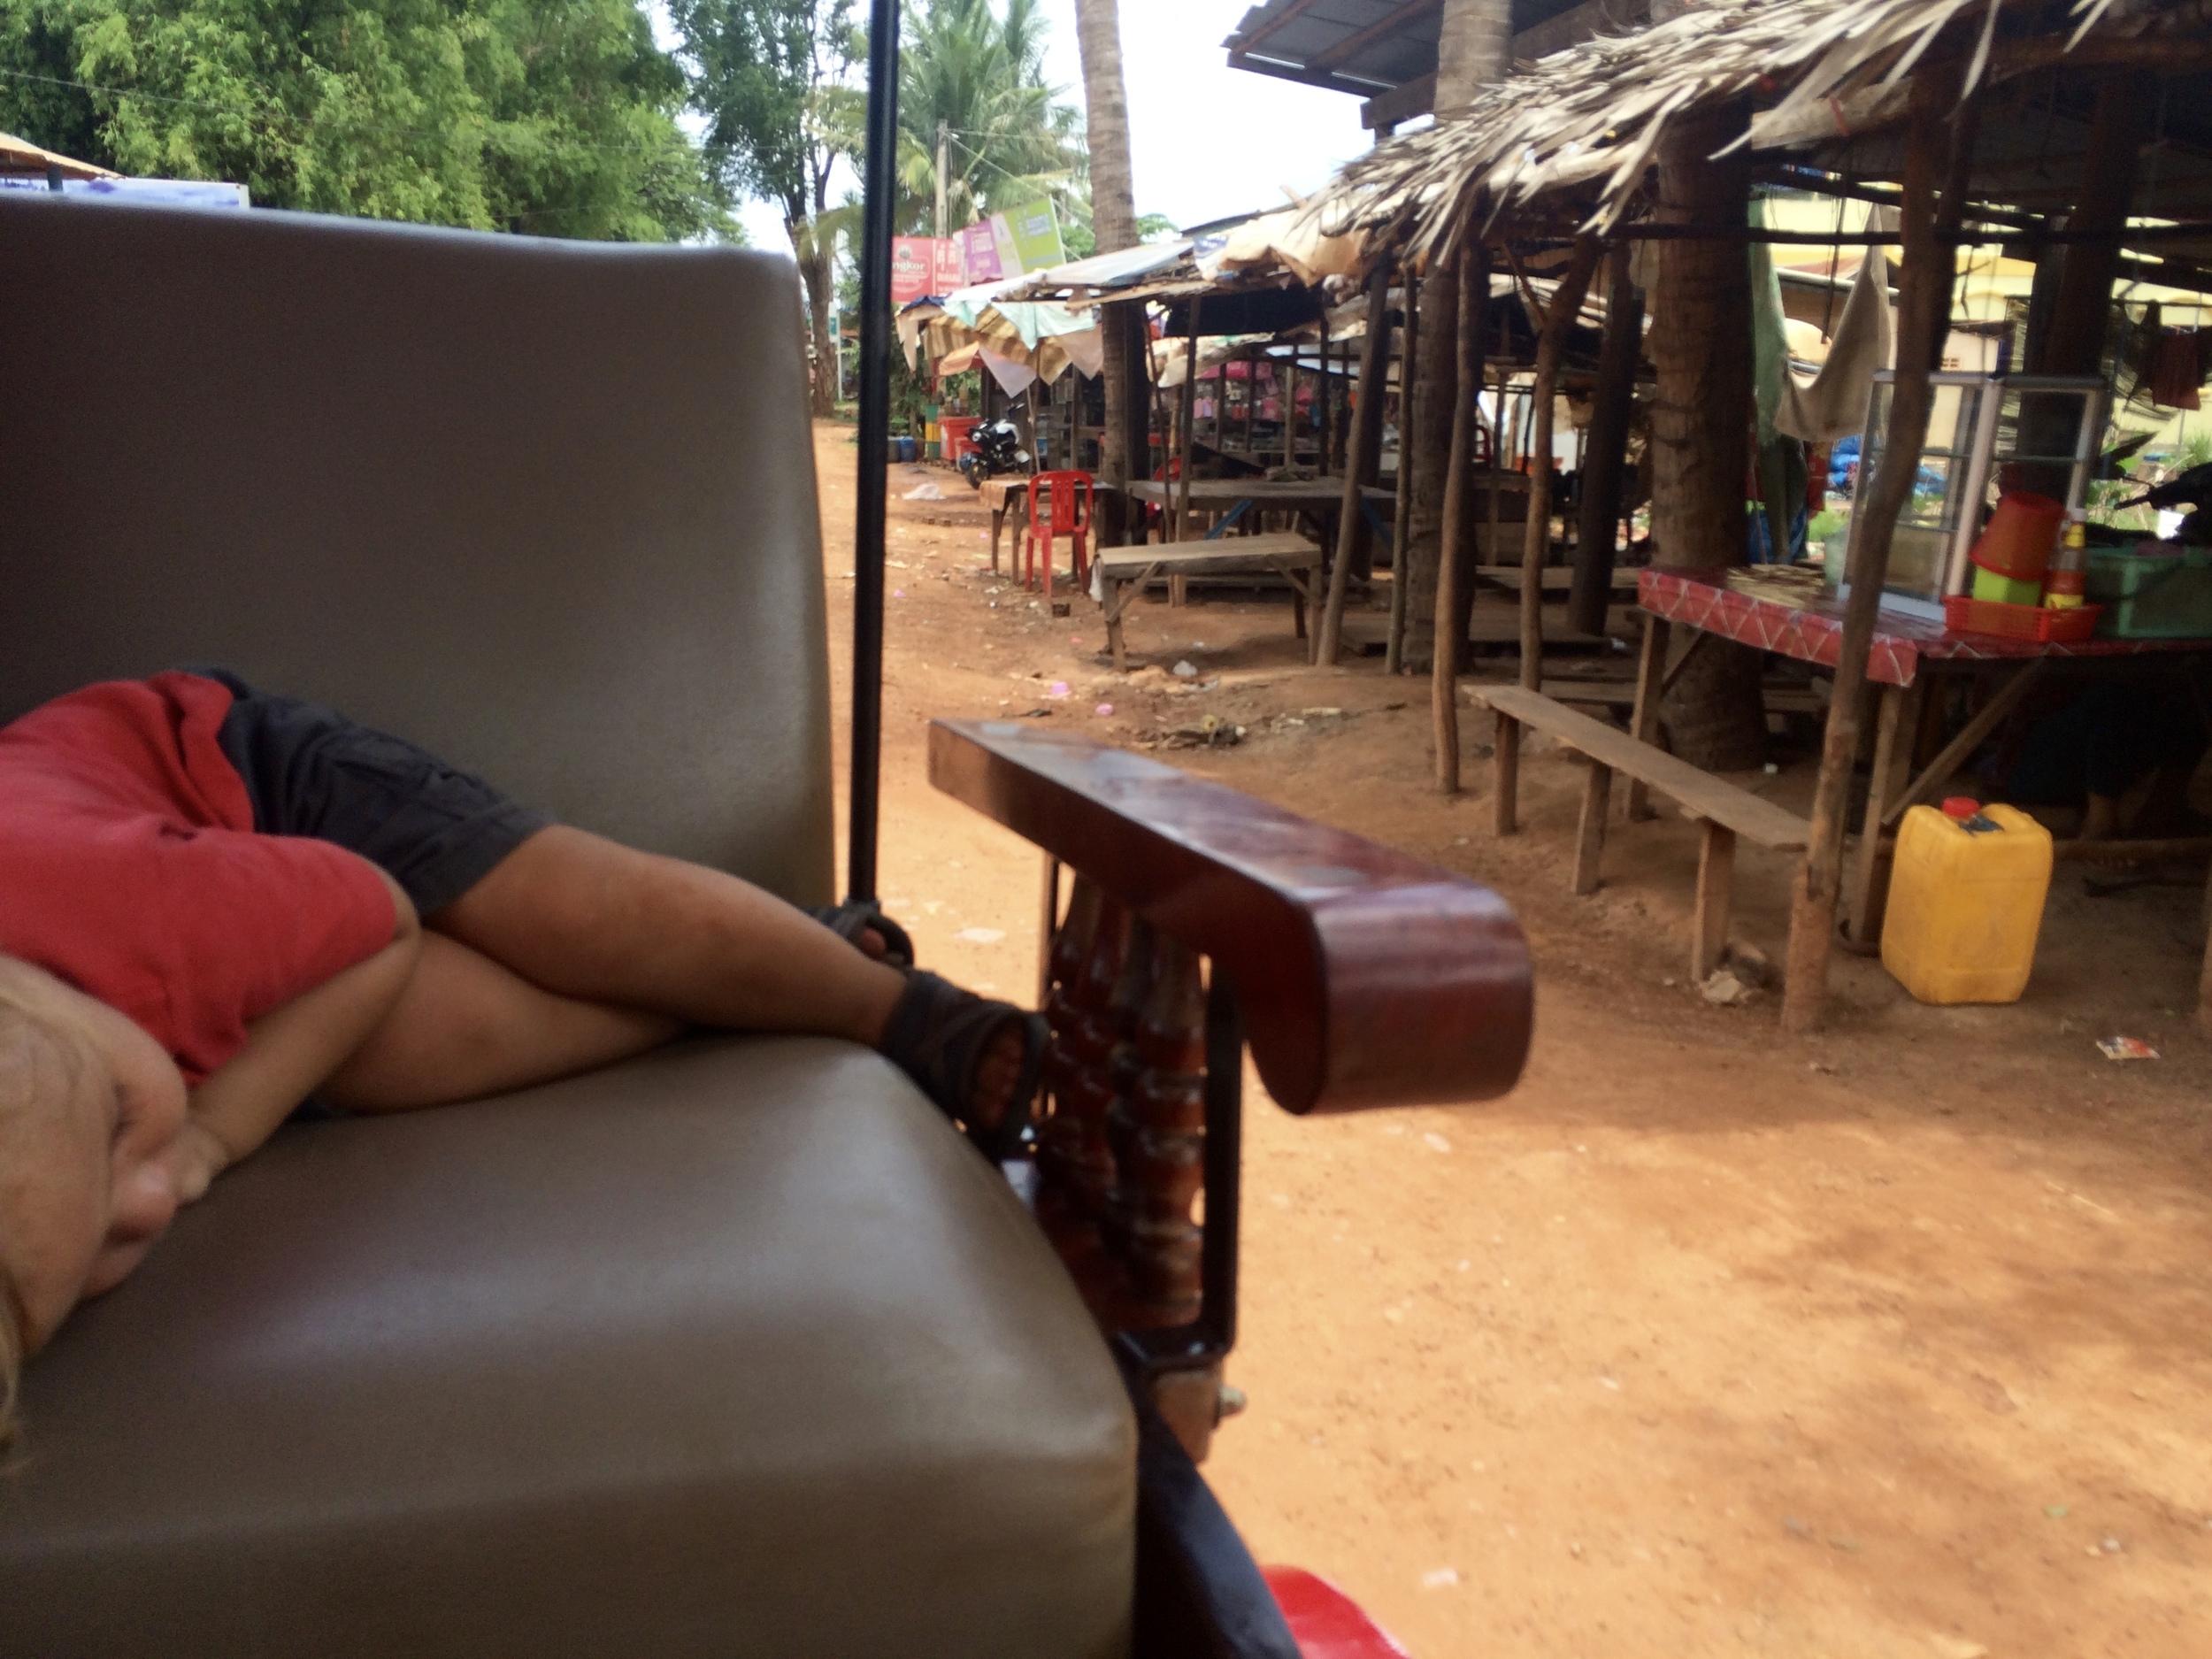 Look at CUTE Hugo asleep.